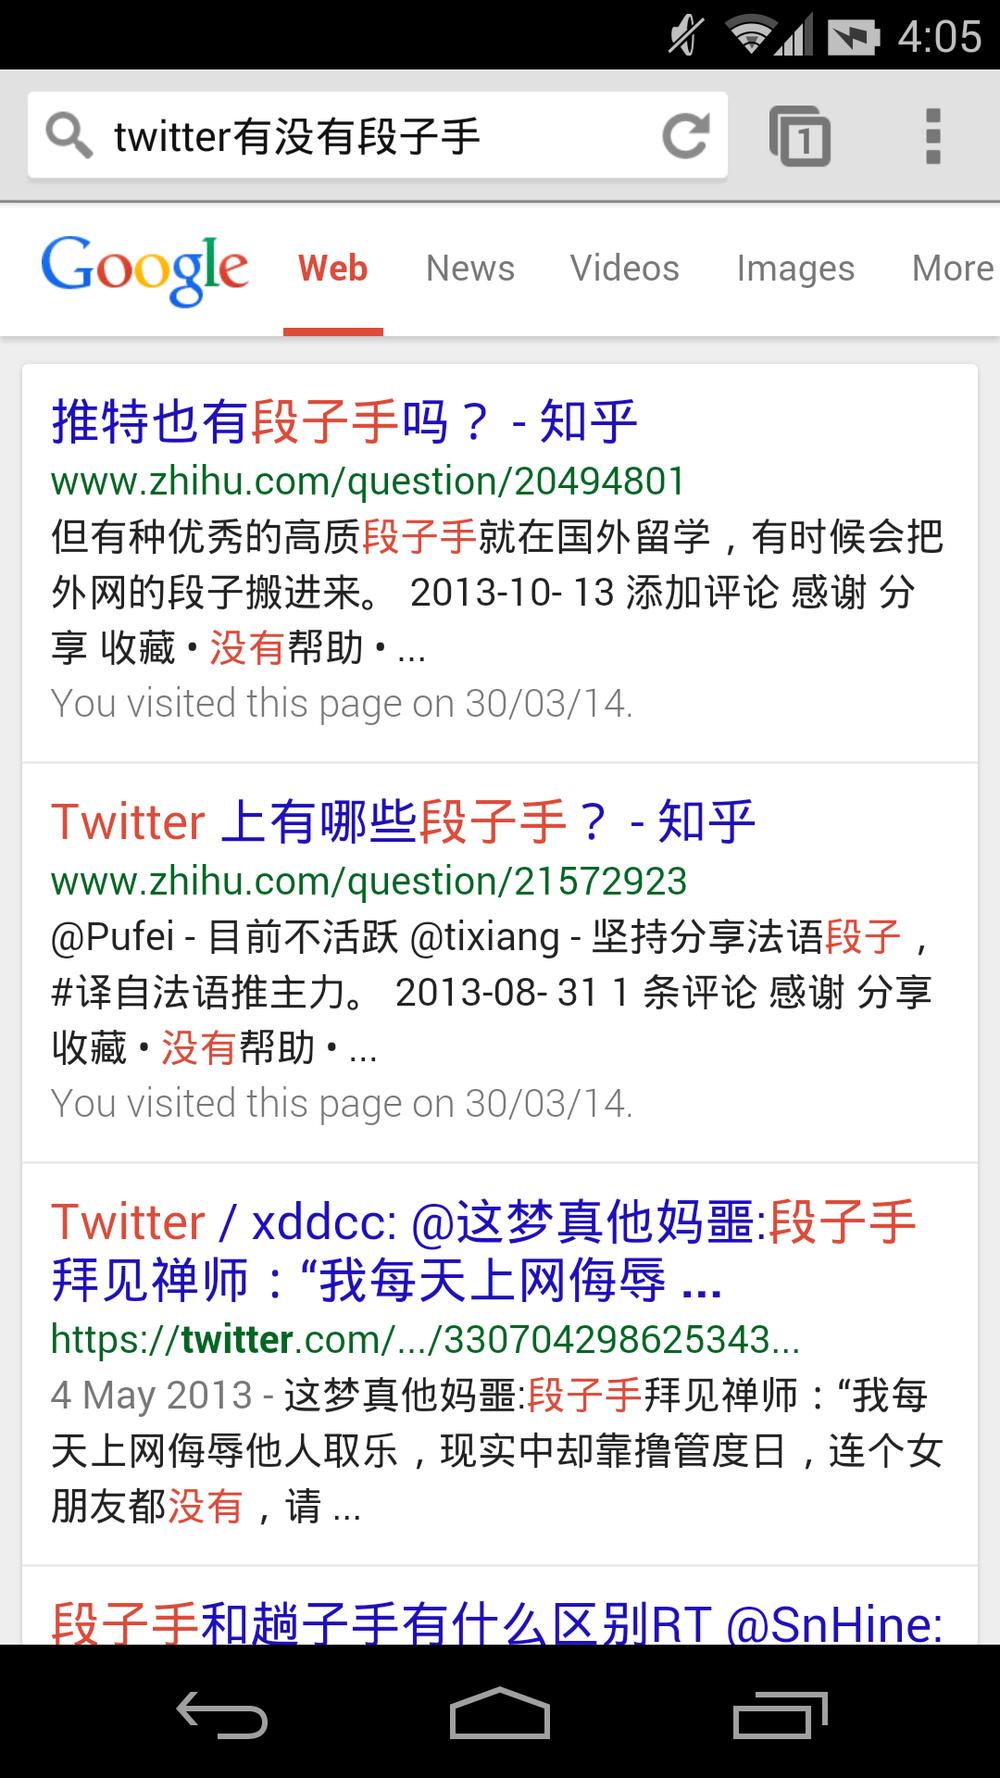 点击 Chrome 中的 zhihu.com 链接,可以跳转到知乎客户端